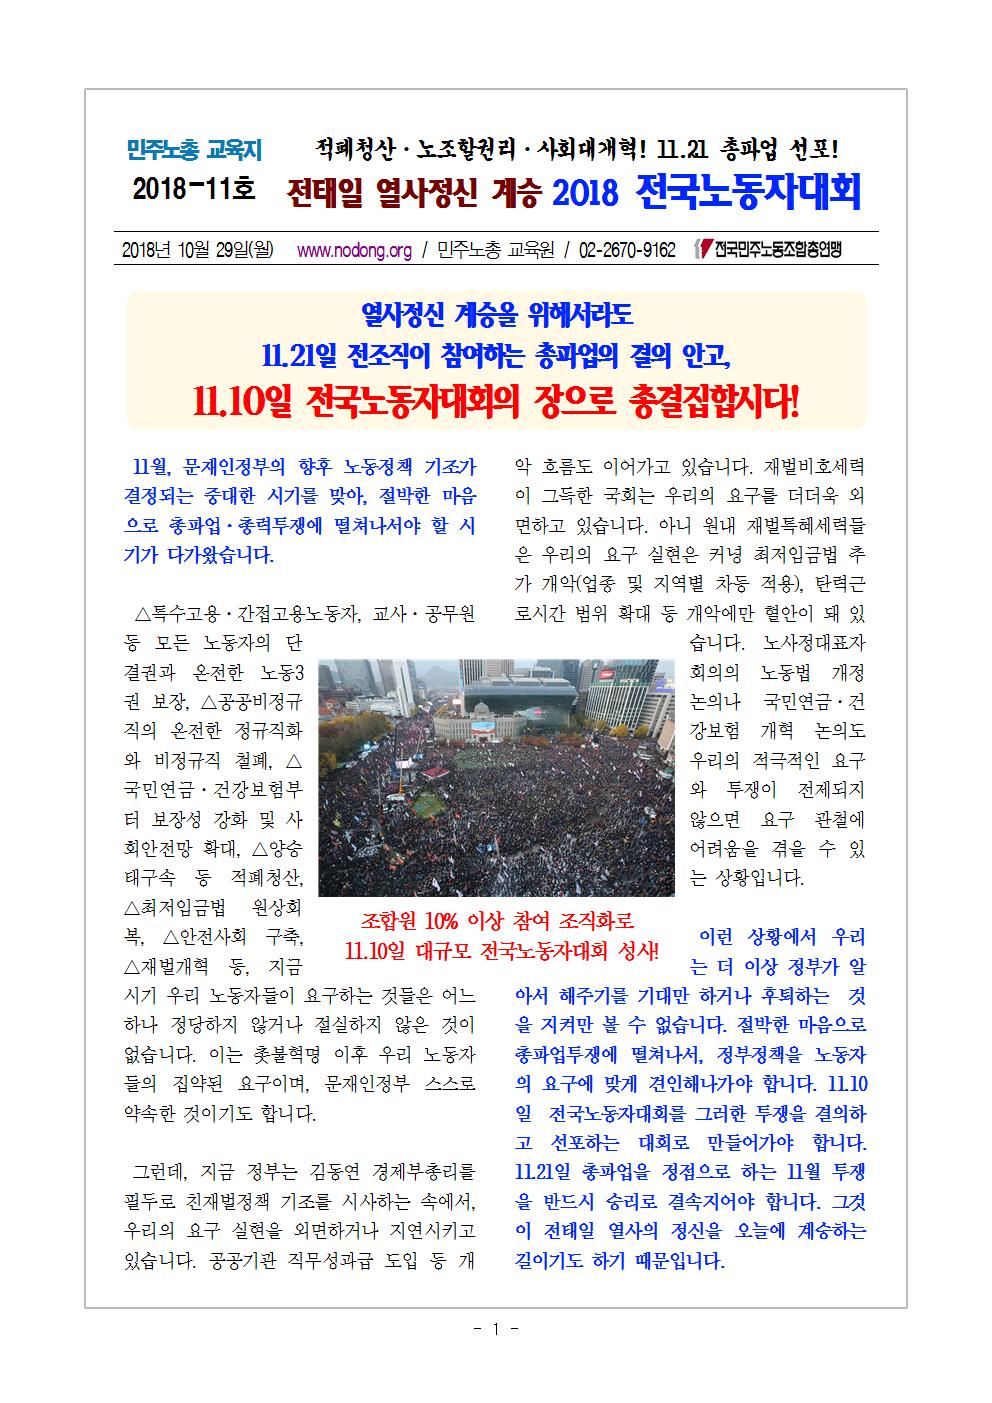 [2018 교육지-11] 11.10 전국노동자대회001.png